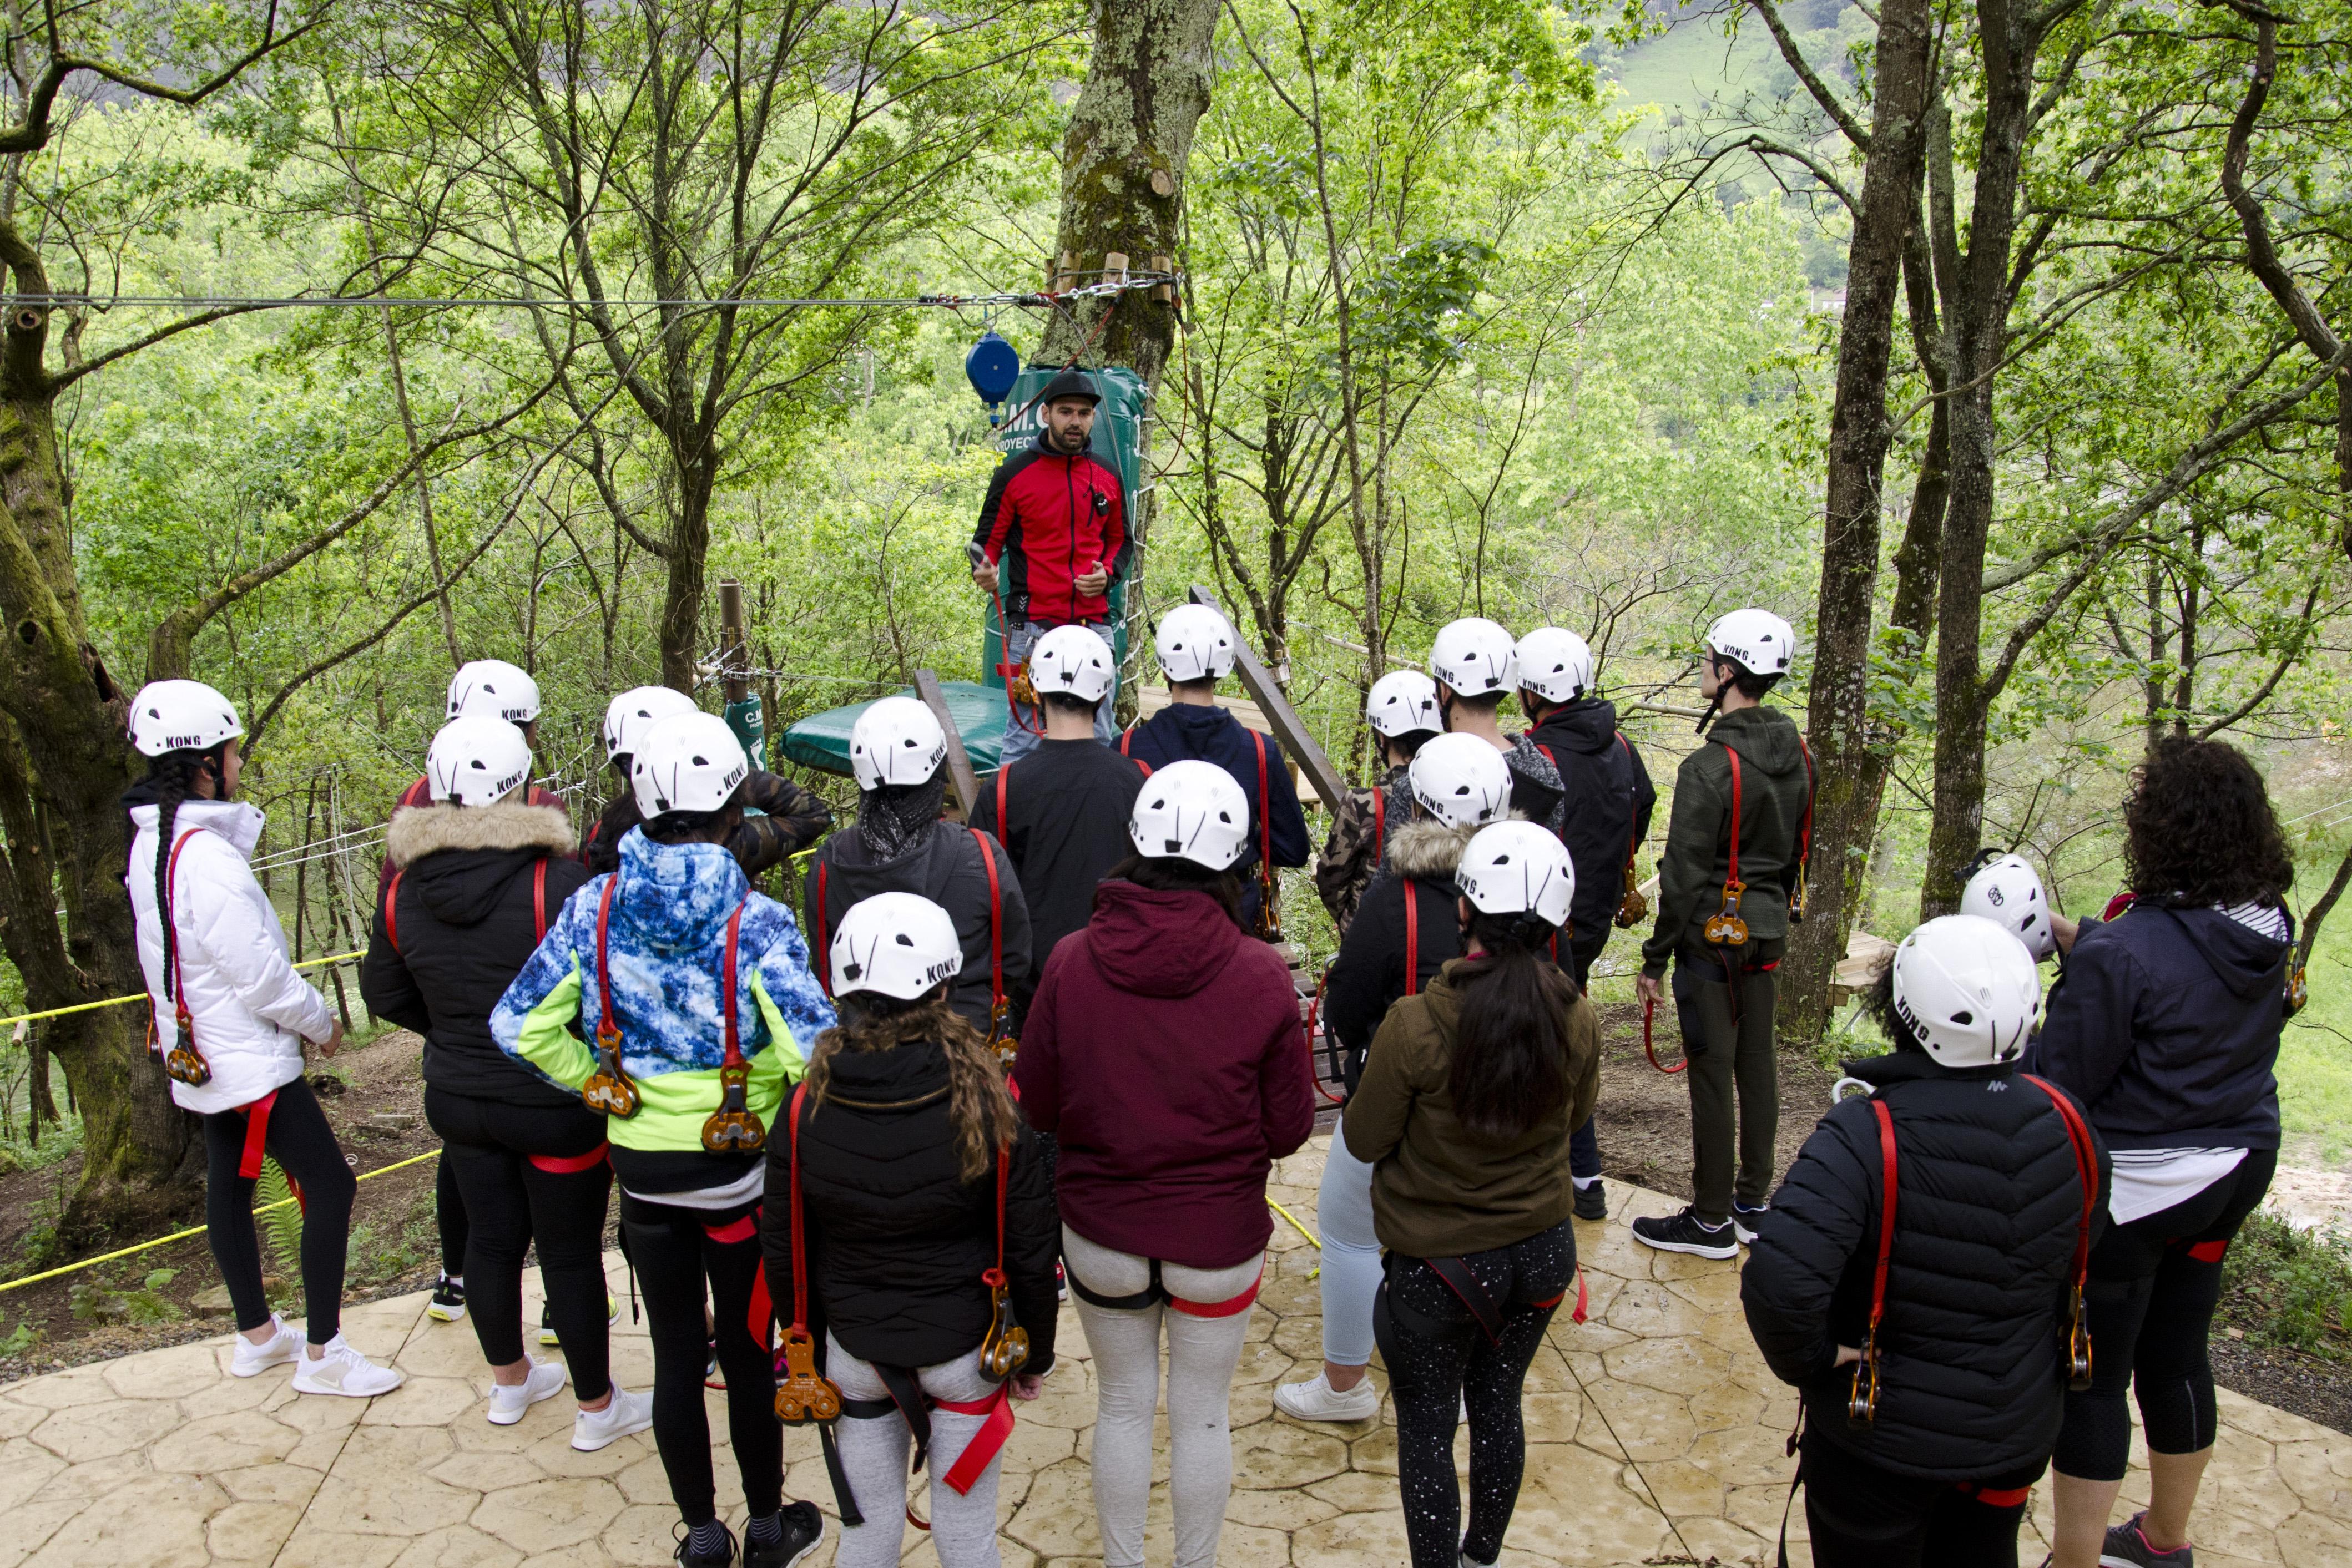 PARQUE descenso-sella-canoa-asturaventura-tucanoa-parresaventura-jaire-cangas-parque-aventura-riosel